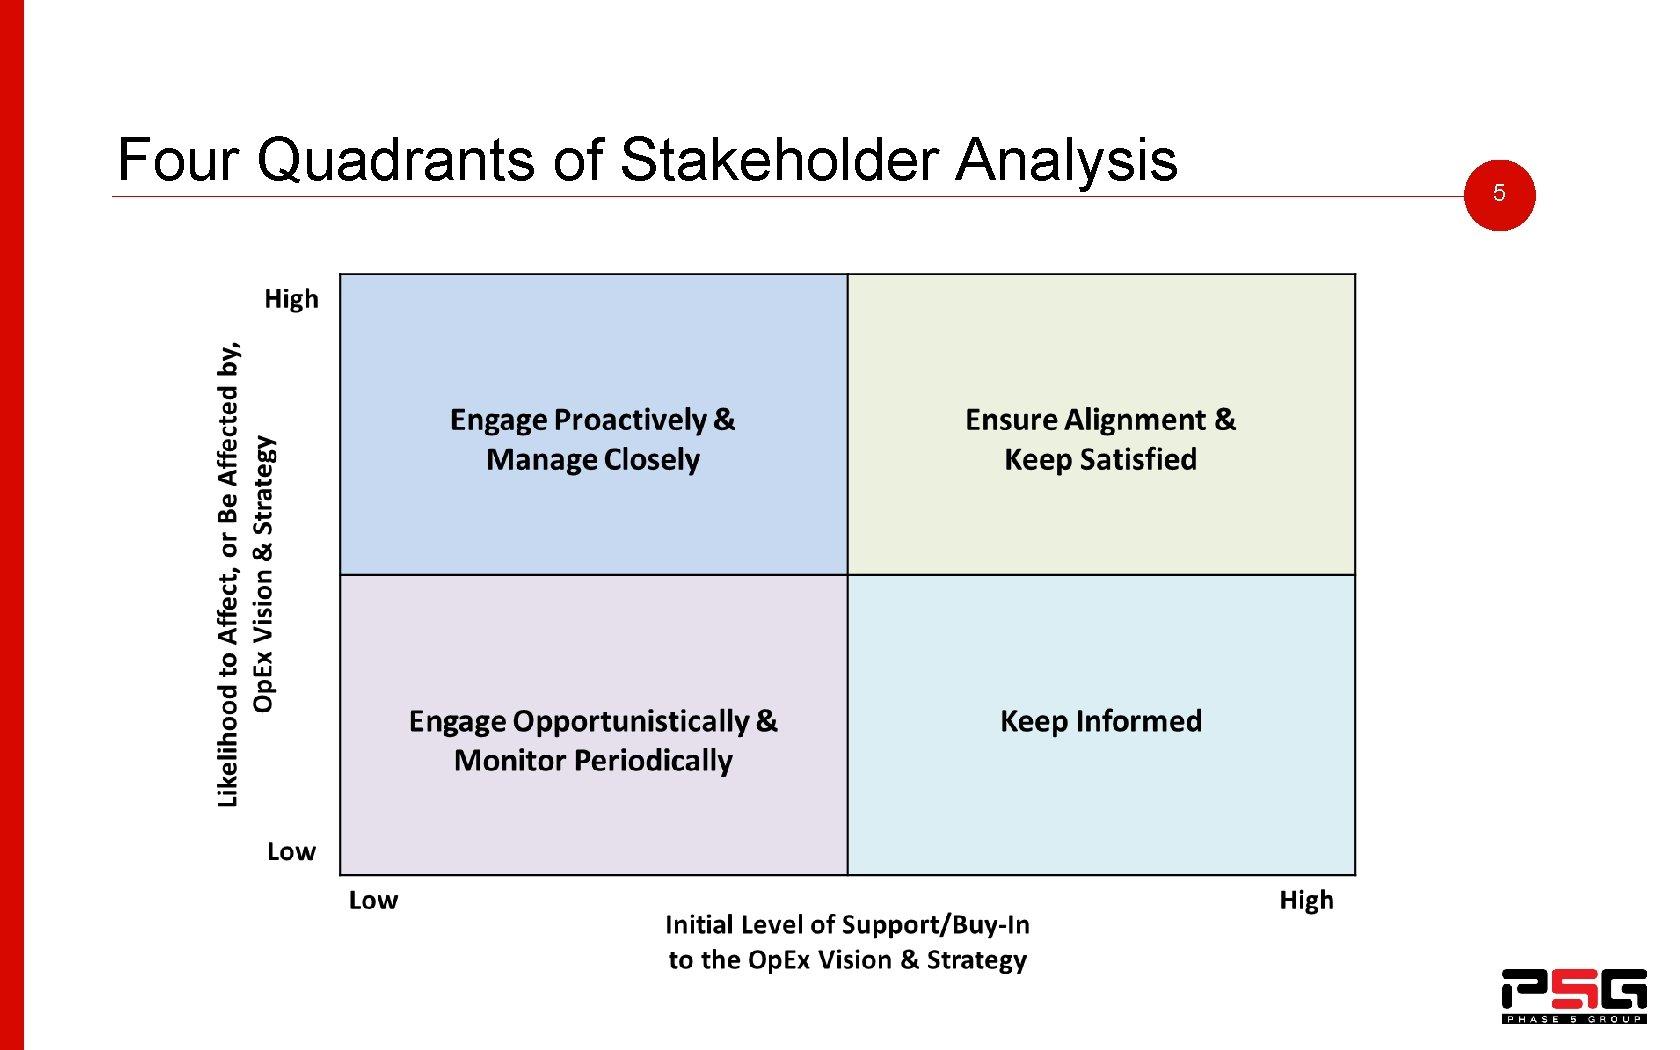 Four Quadrants of Stakeholder Analysis 5